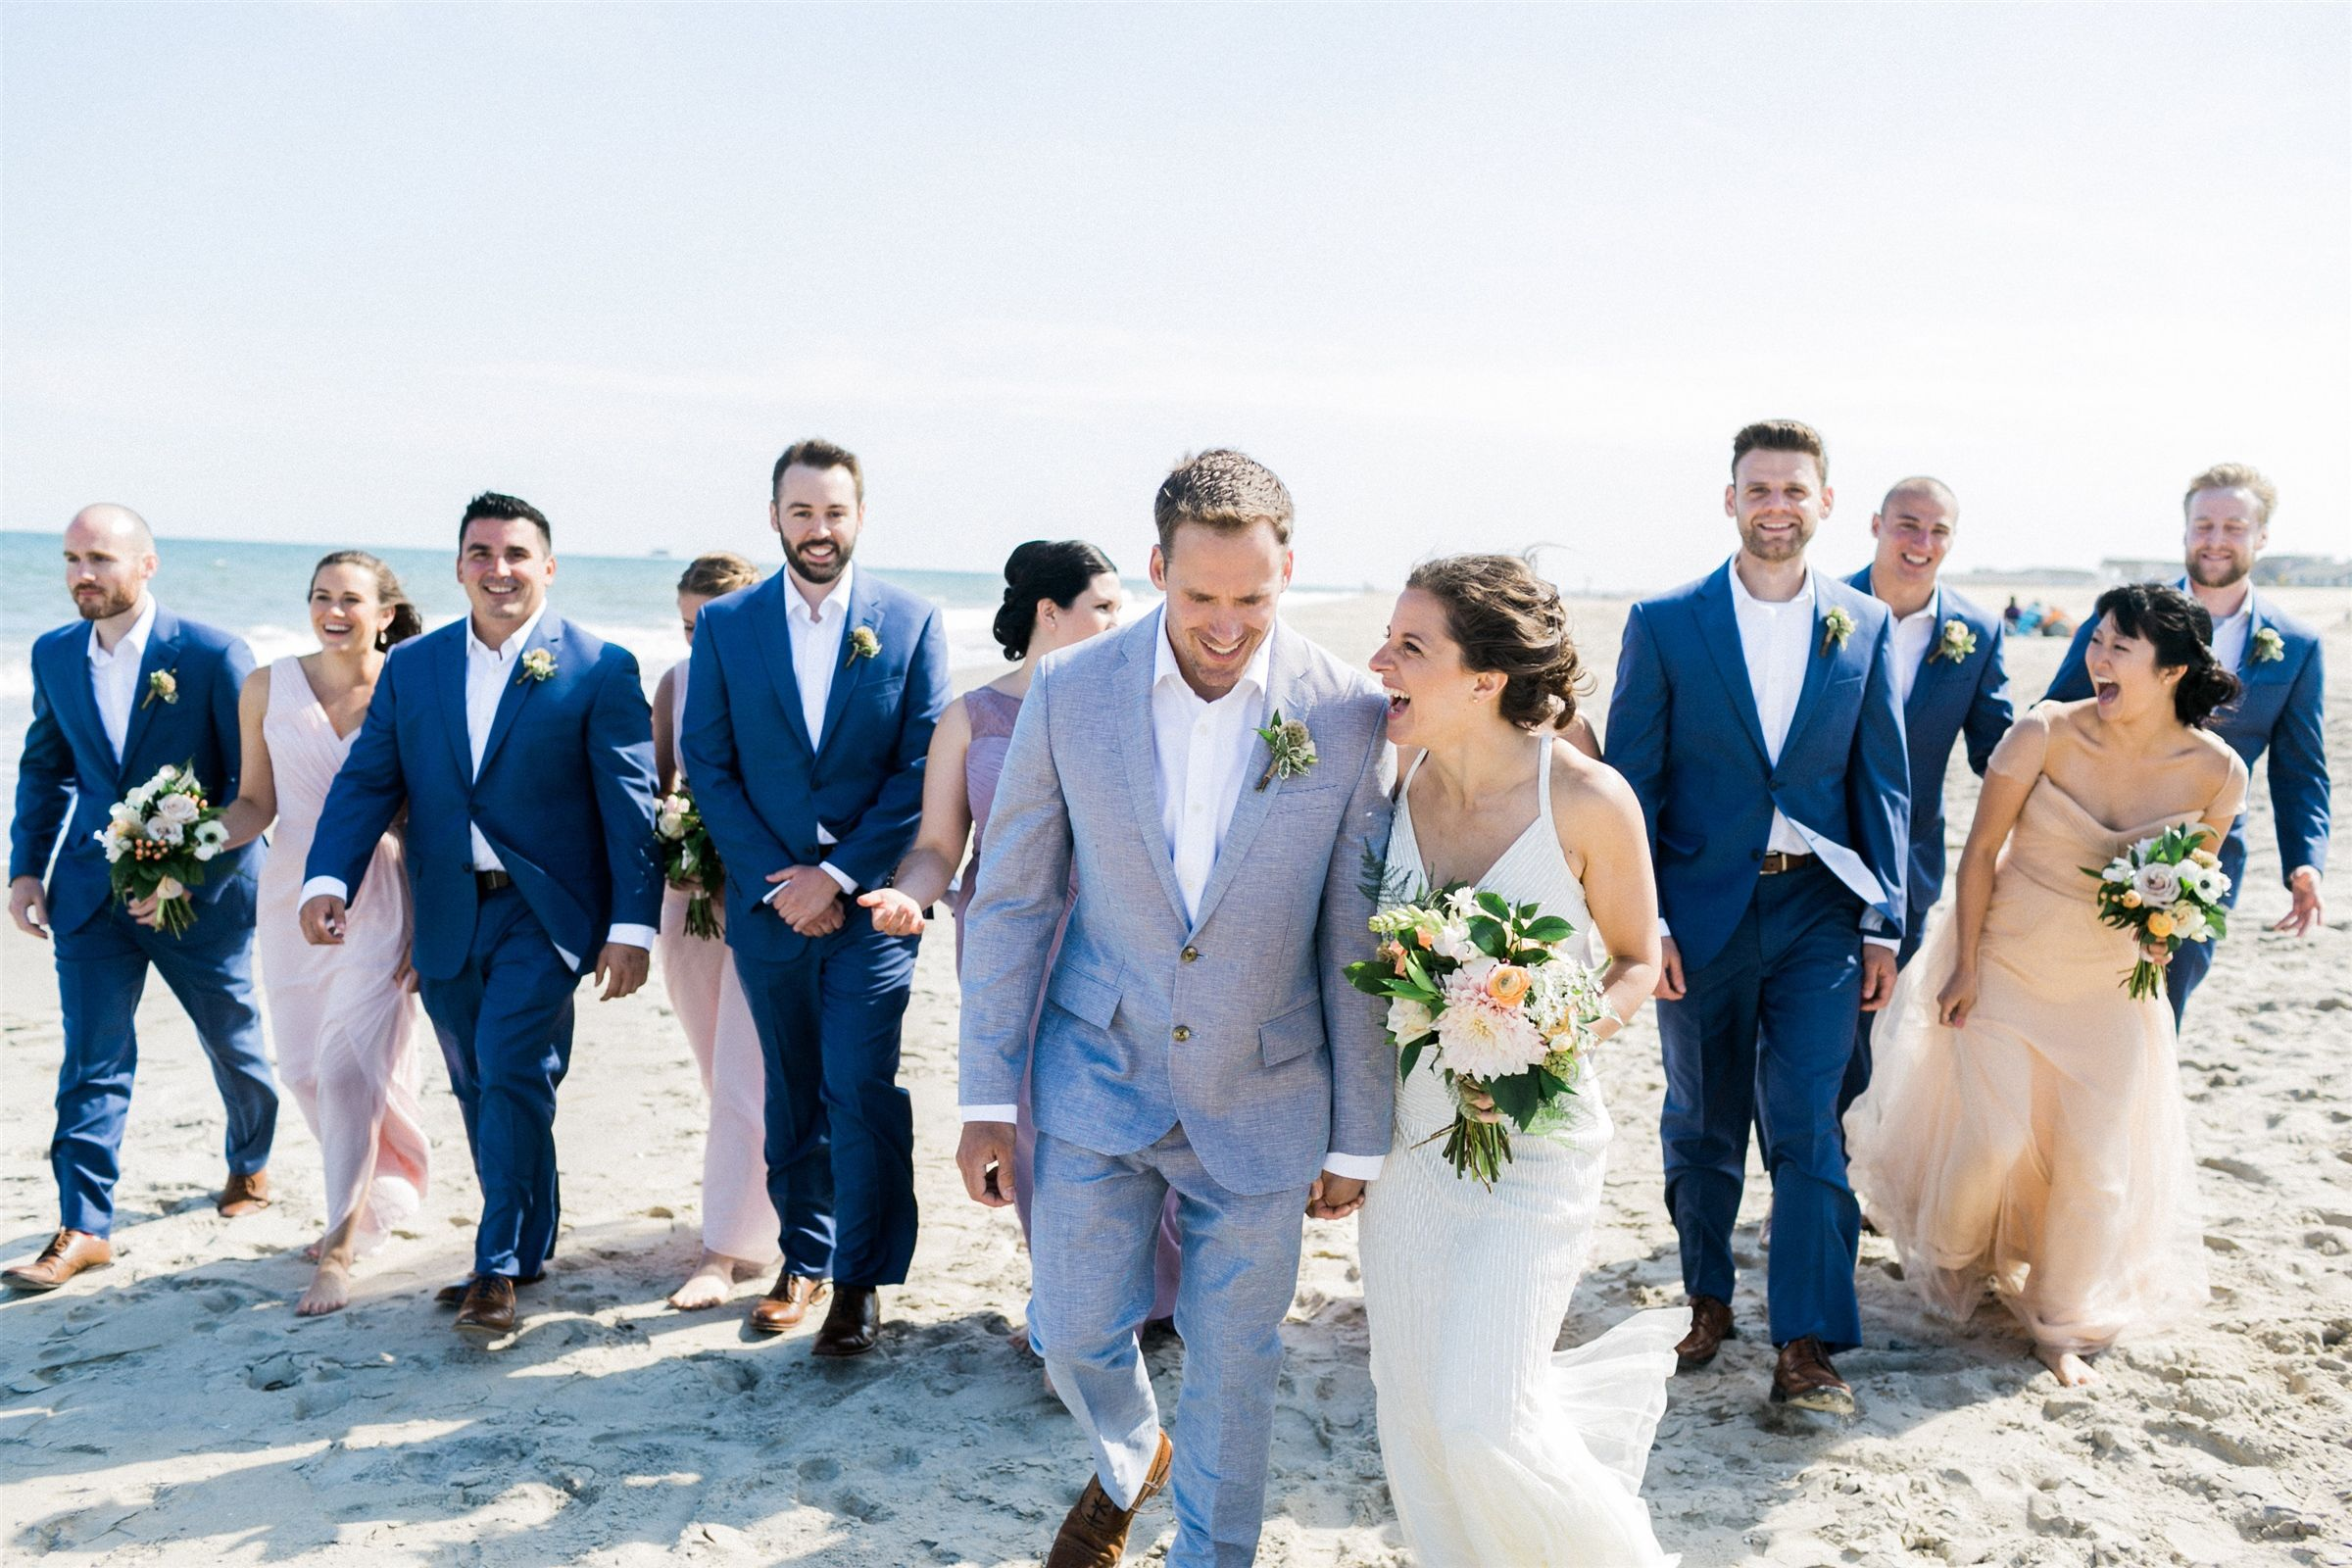 Love This Beach Wedding Day Featuring Blush Pink And Navy Alexis June Weddings June Wedding Wedding Beach Wedding